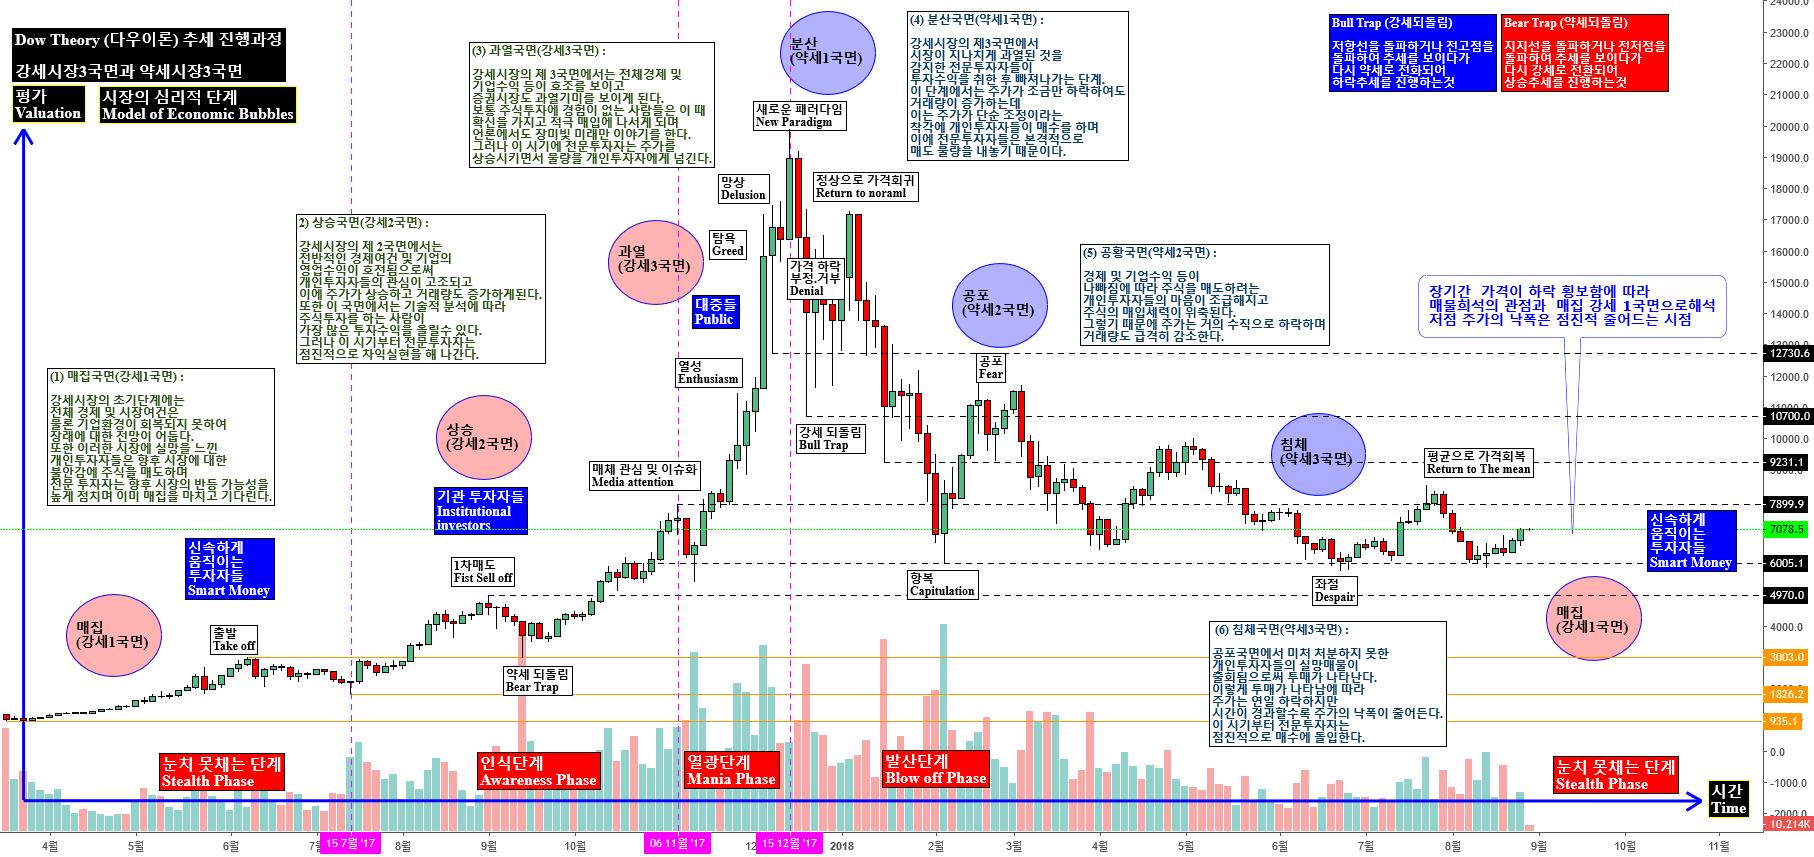 2018-08-29 -비트코인 분석  Dow Theory (다우이론) 추세 진행과정  강세시장3국면과 약세시장3국면